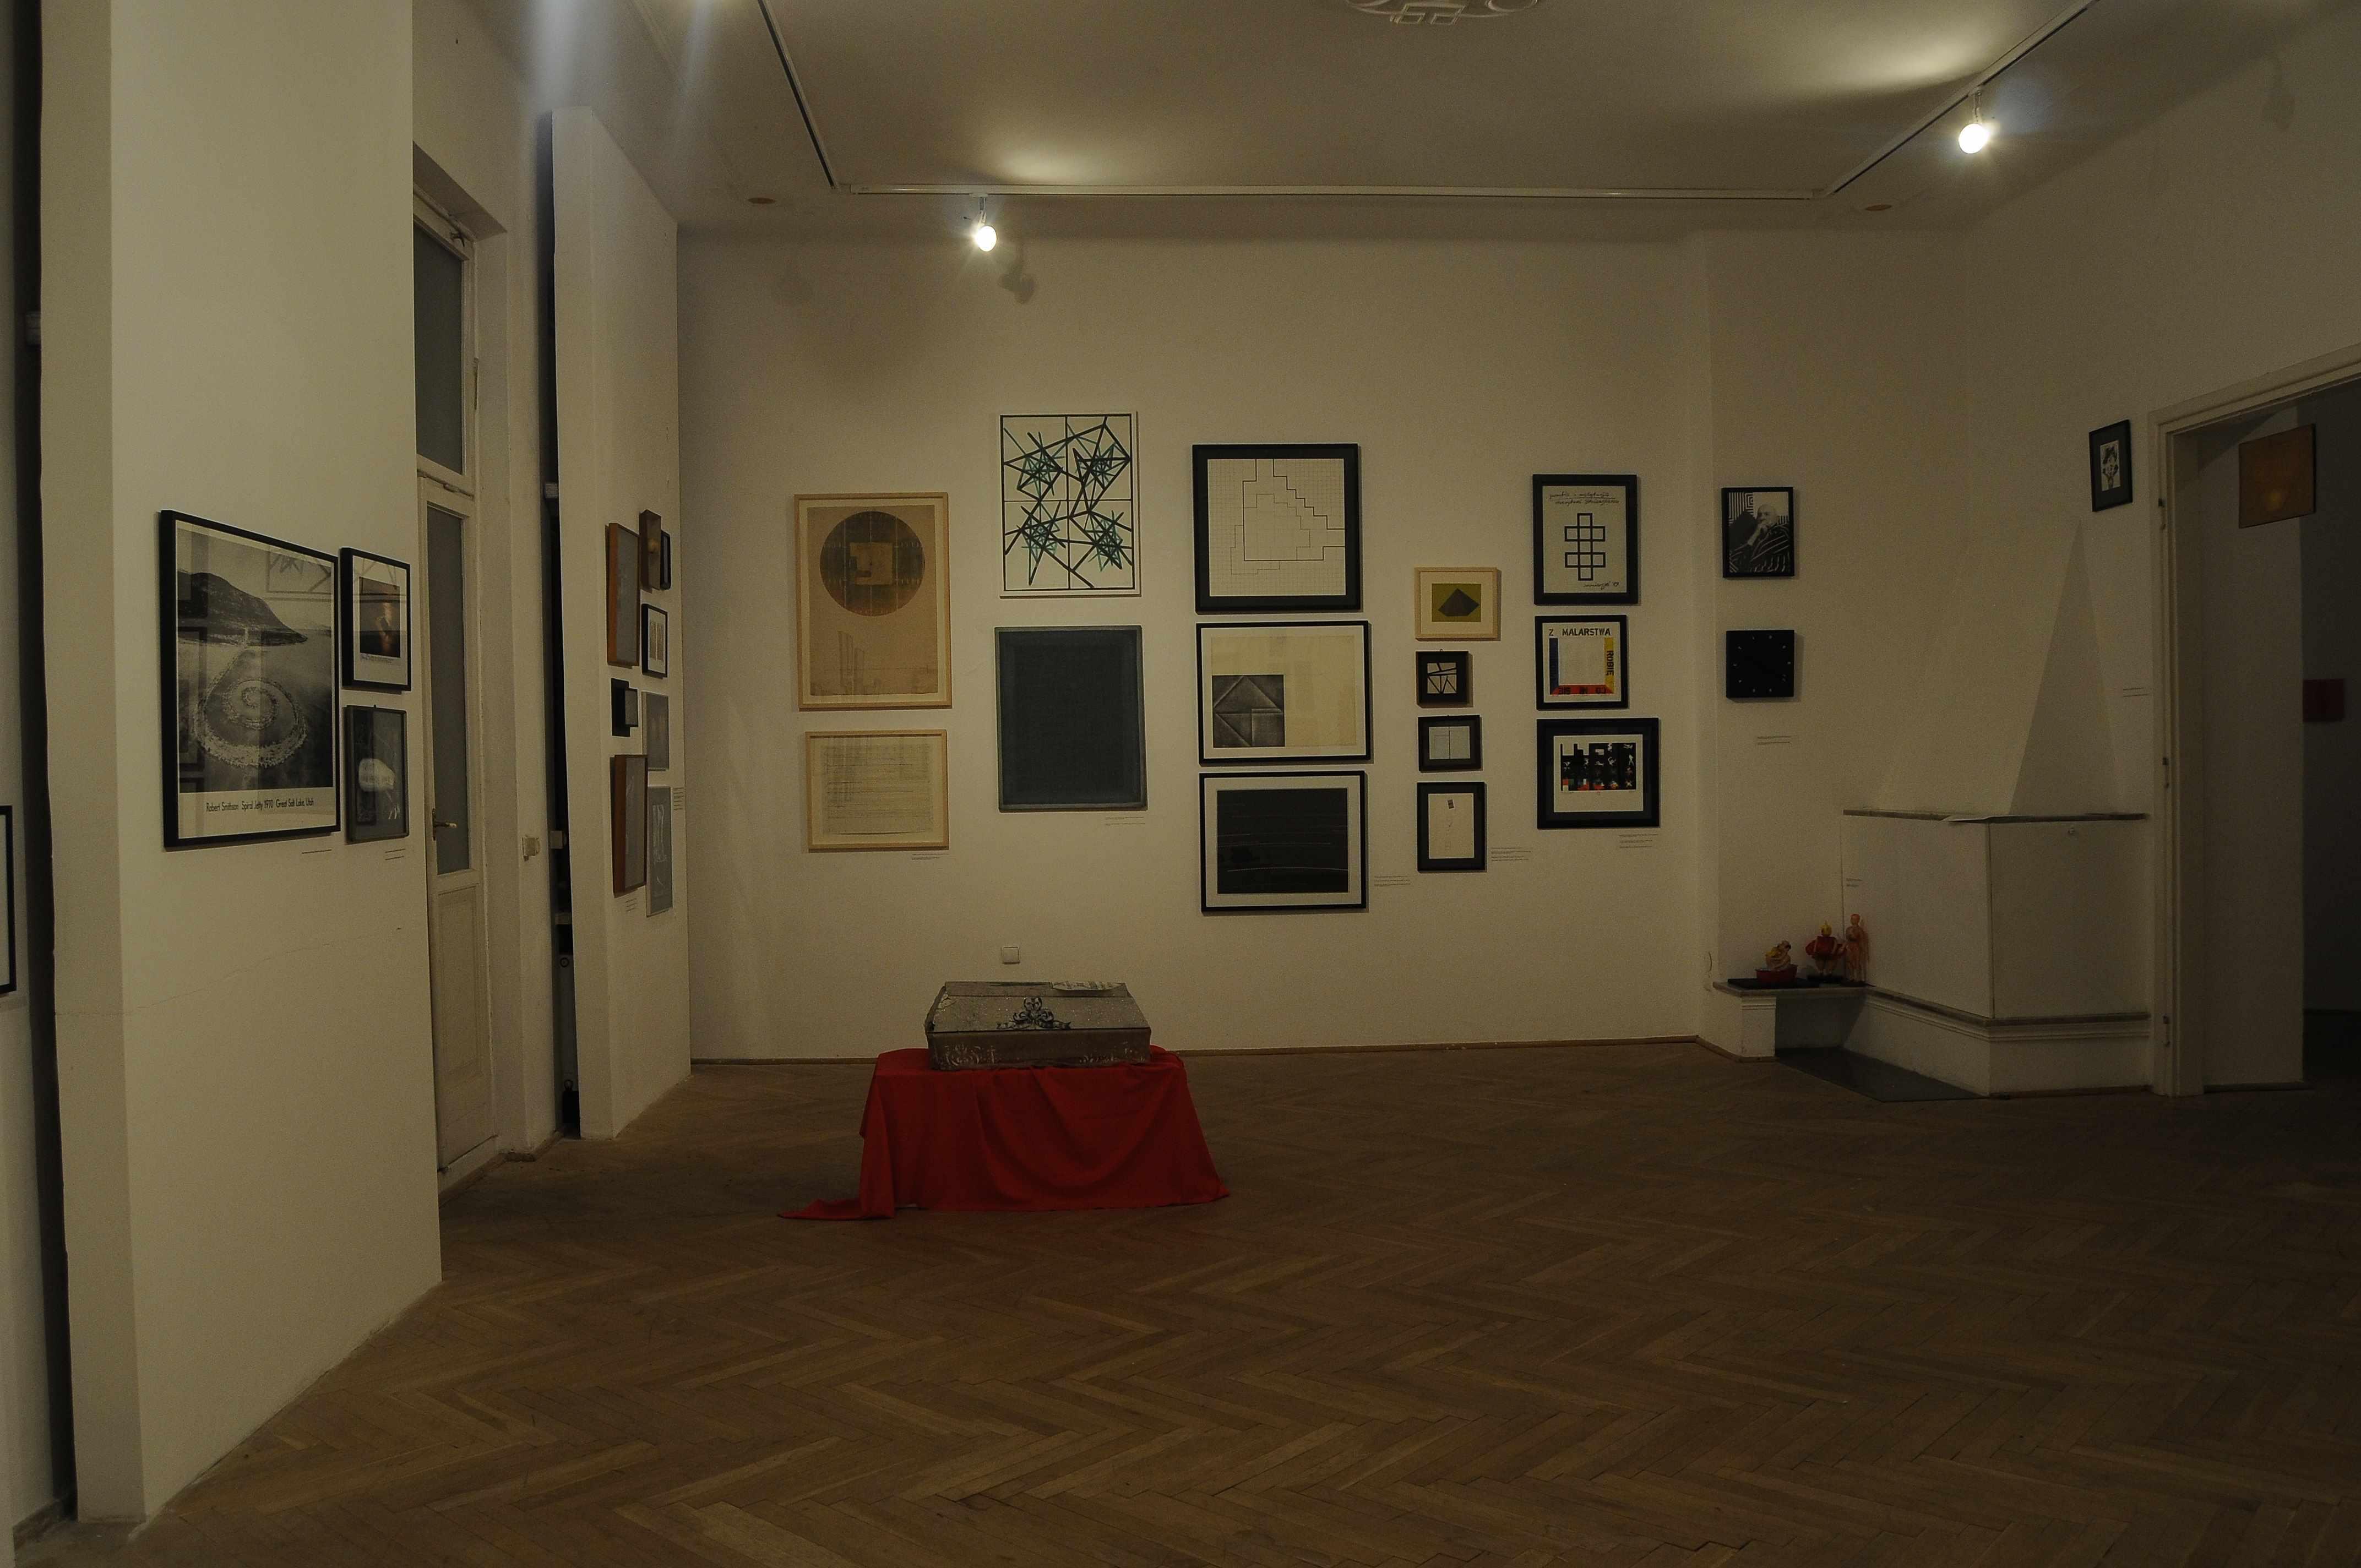 Sztuka wymiany. Kolekcja Józefa Robakowskiego, Fundacja Profile 2013